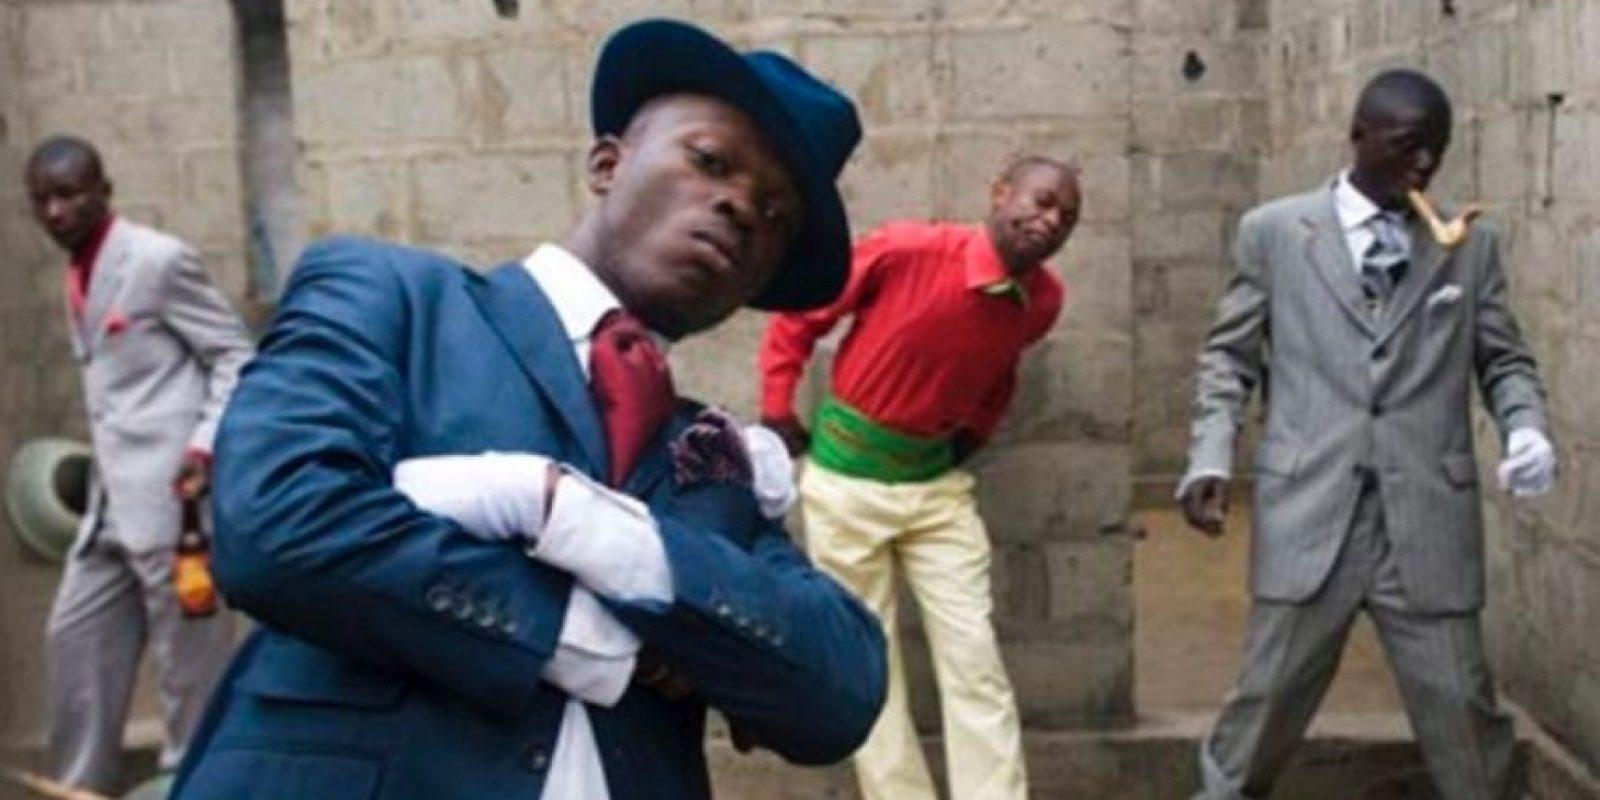 """4- Sapeurs ( Brazaville y Kinshasa, Congo). """"La Sape"""" o la """"Société des Ambianceurs et des Personnes Elégantes"""", es un movimiento que lleva desde los años 20, en el que se replica el look dandy impulsado desde la colonización europea. De esta manera, se adquirió la elegancia propia de la vestimenta del hombre blanco, que hace un curioso contraste en medio del ambiente tropical, chocante y paupérrimo de algunas zonas del Congo. El diseñador Paul Smith presentó una colección hace seis años inspirados en ellos. Asimismo, Los caballeros de Bacongo es un libro que recoge su estética. Solange Knowles también mostró su estética, colorida y extravagante, en un video. Ahora tienen influencias de Yohji Yamamoto e Issey Miyake. Foto:Fuente externa"""